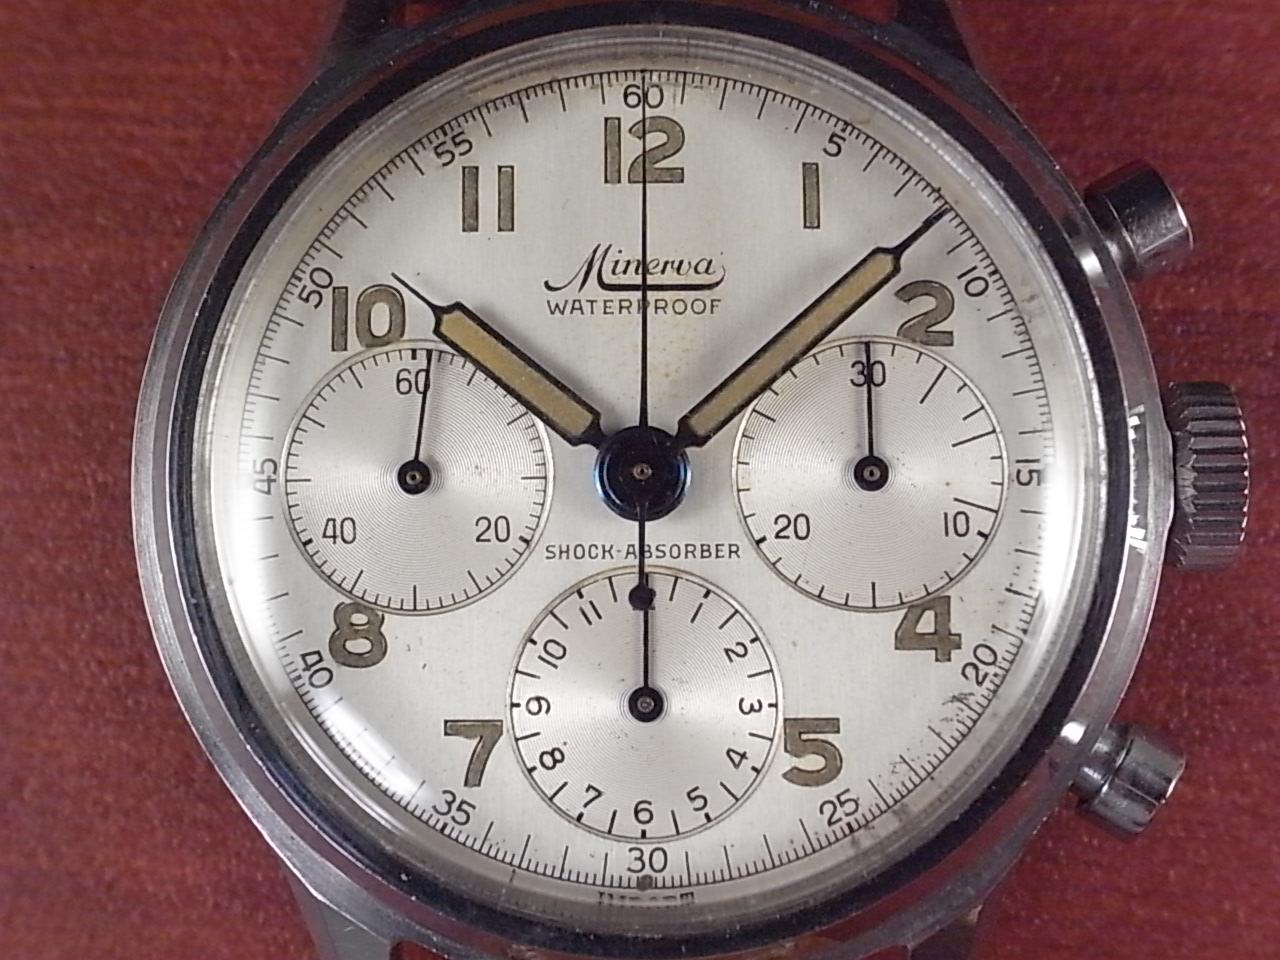 ミネルバ 3レジスタークロノグラフ バルジュー72 1950年代の写真2枚目